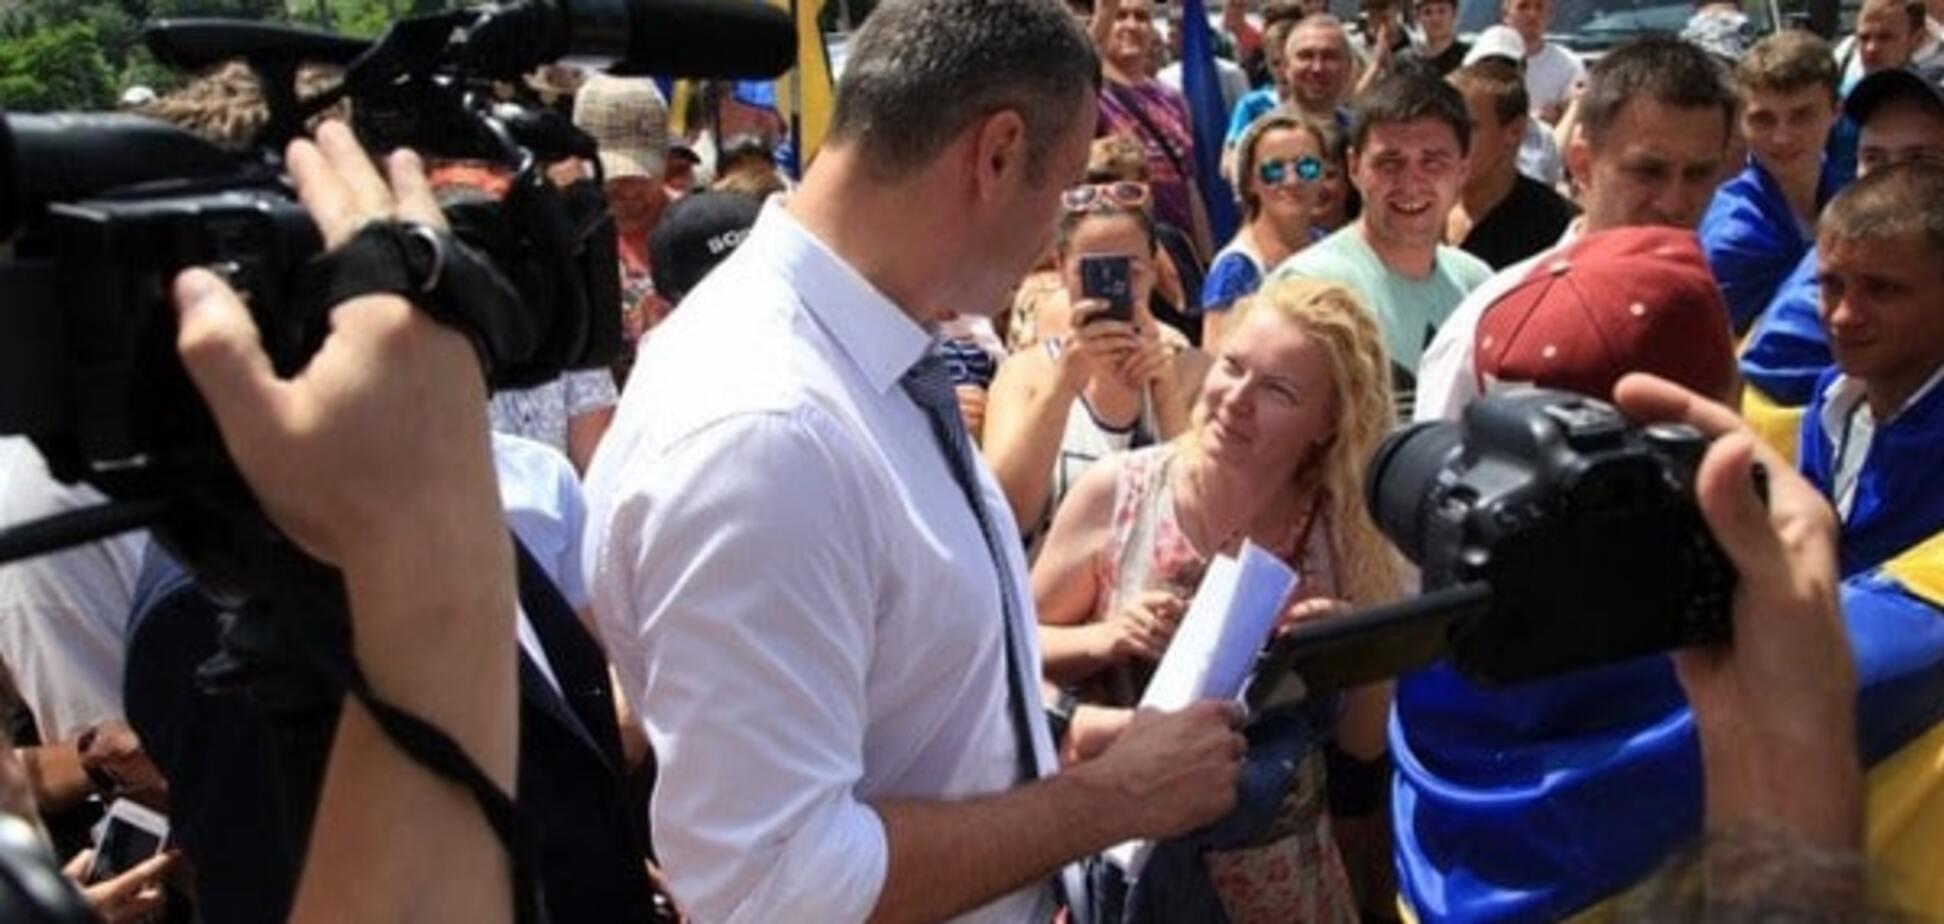 СМИ: в Одессе Виталий Кличко был категорически против выступления Труханова на муниципальном форуме